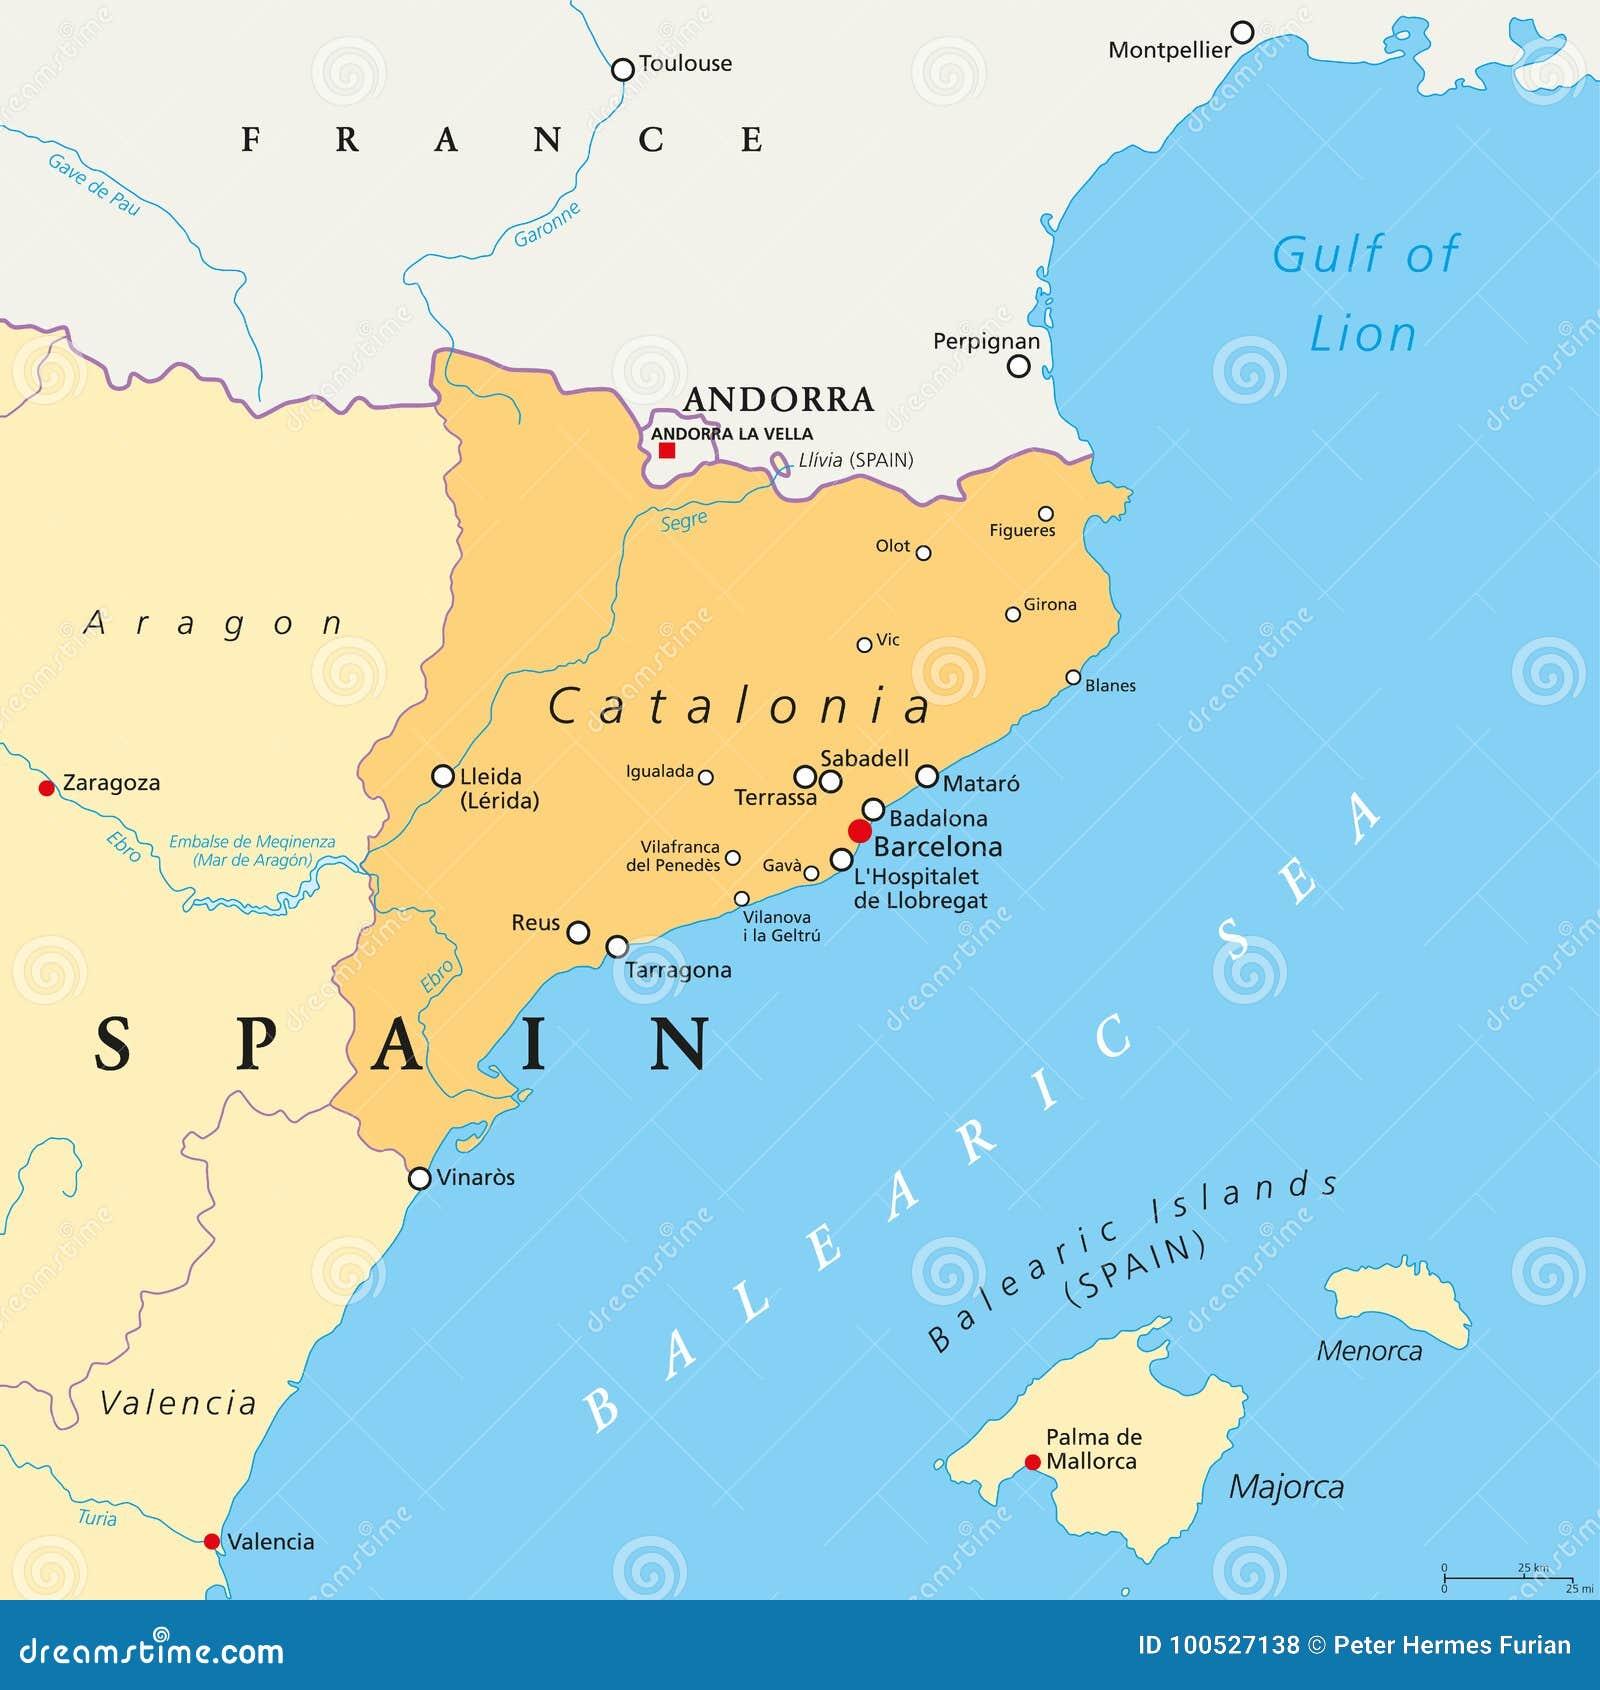 Carte De Lespagne Barcelone.La Communaute Autonome De La Catalogne De La Carte Politique De L